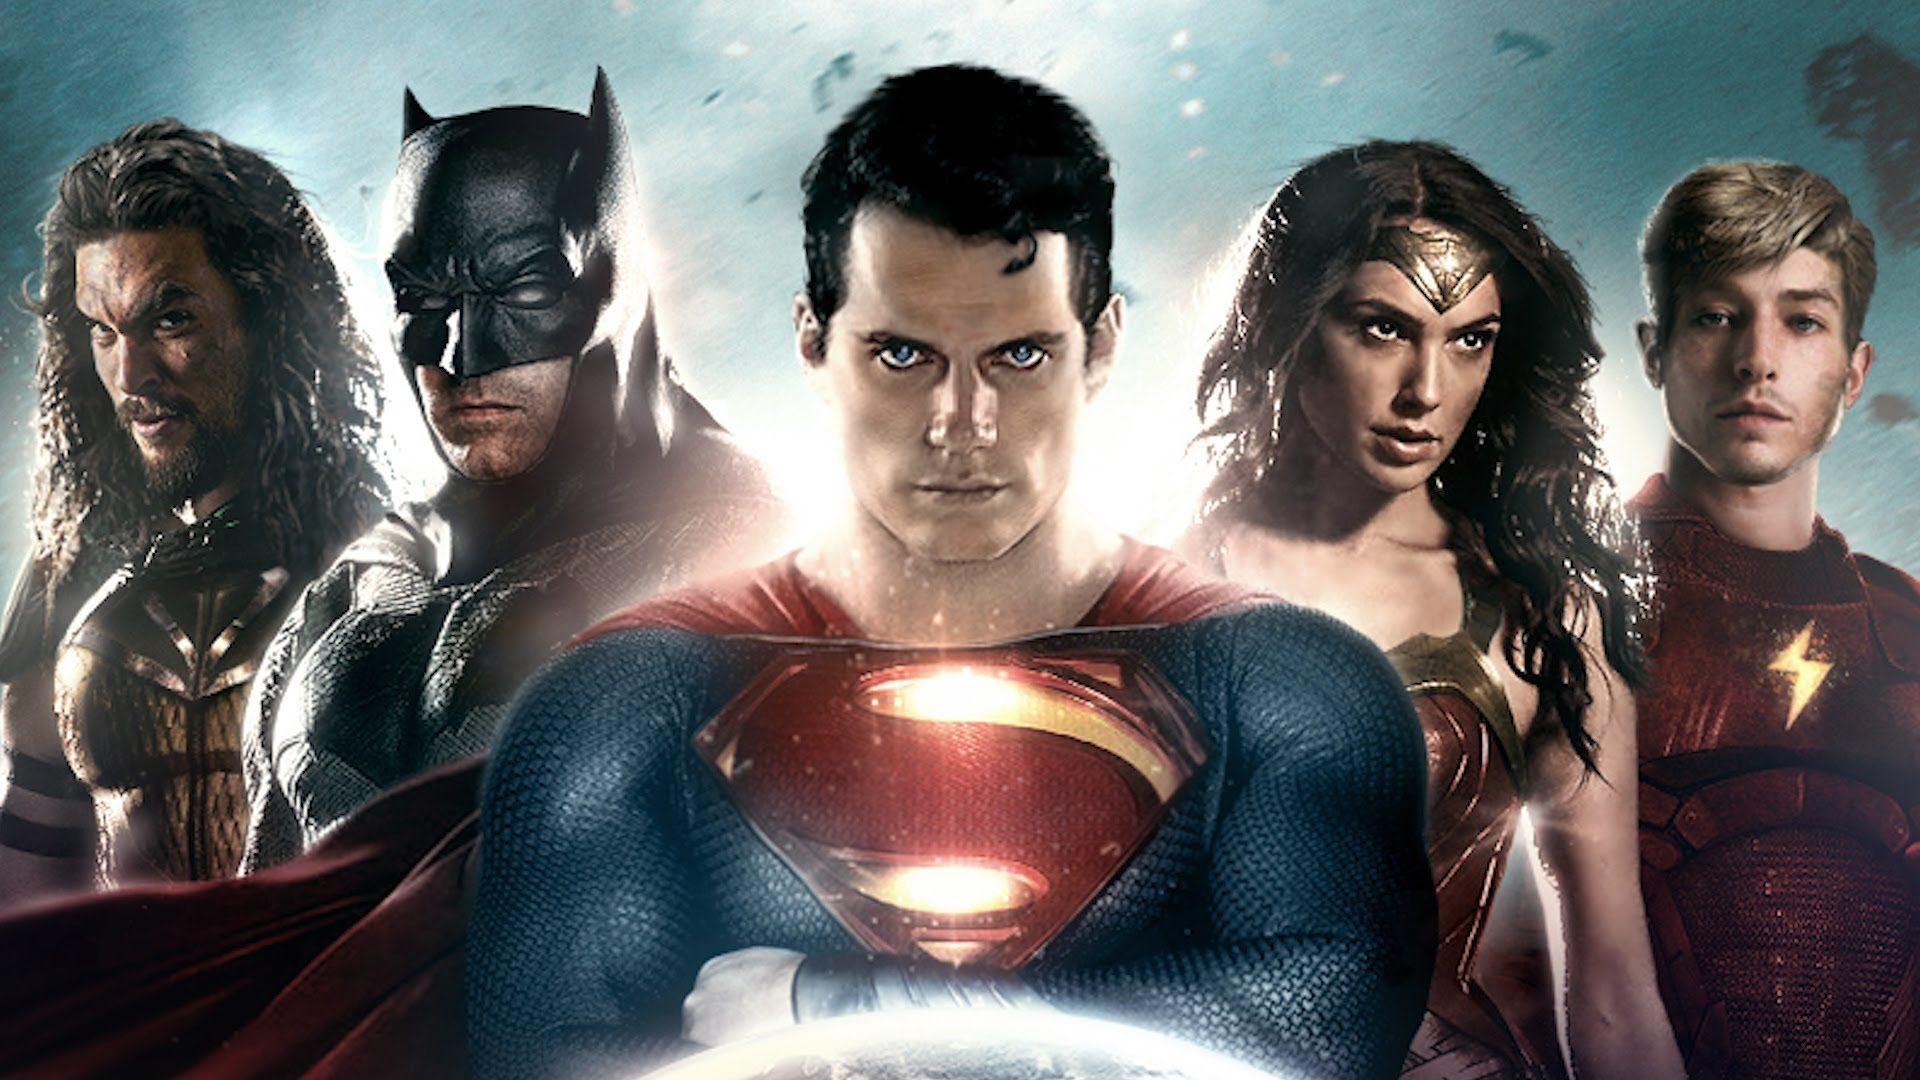 Trailers de películas que se estrenan pronto: Liga de la Justicia, Wonder Woman 1984 y más!